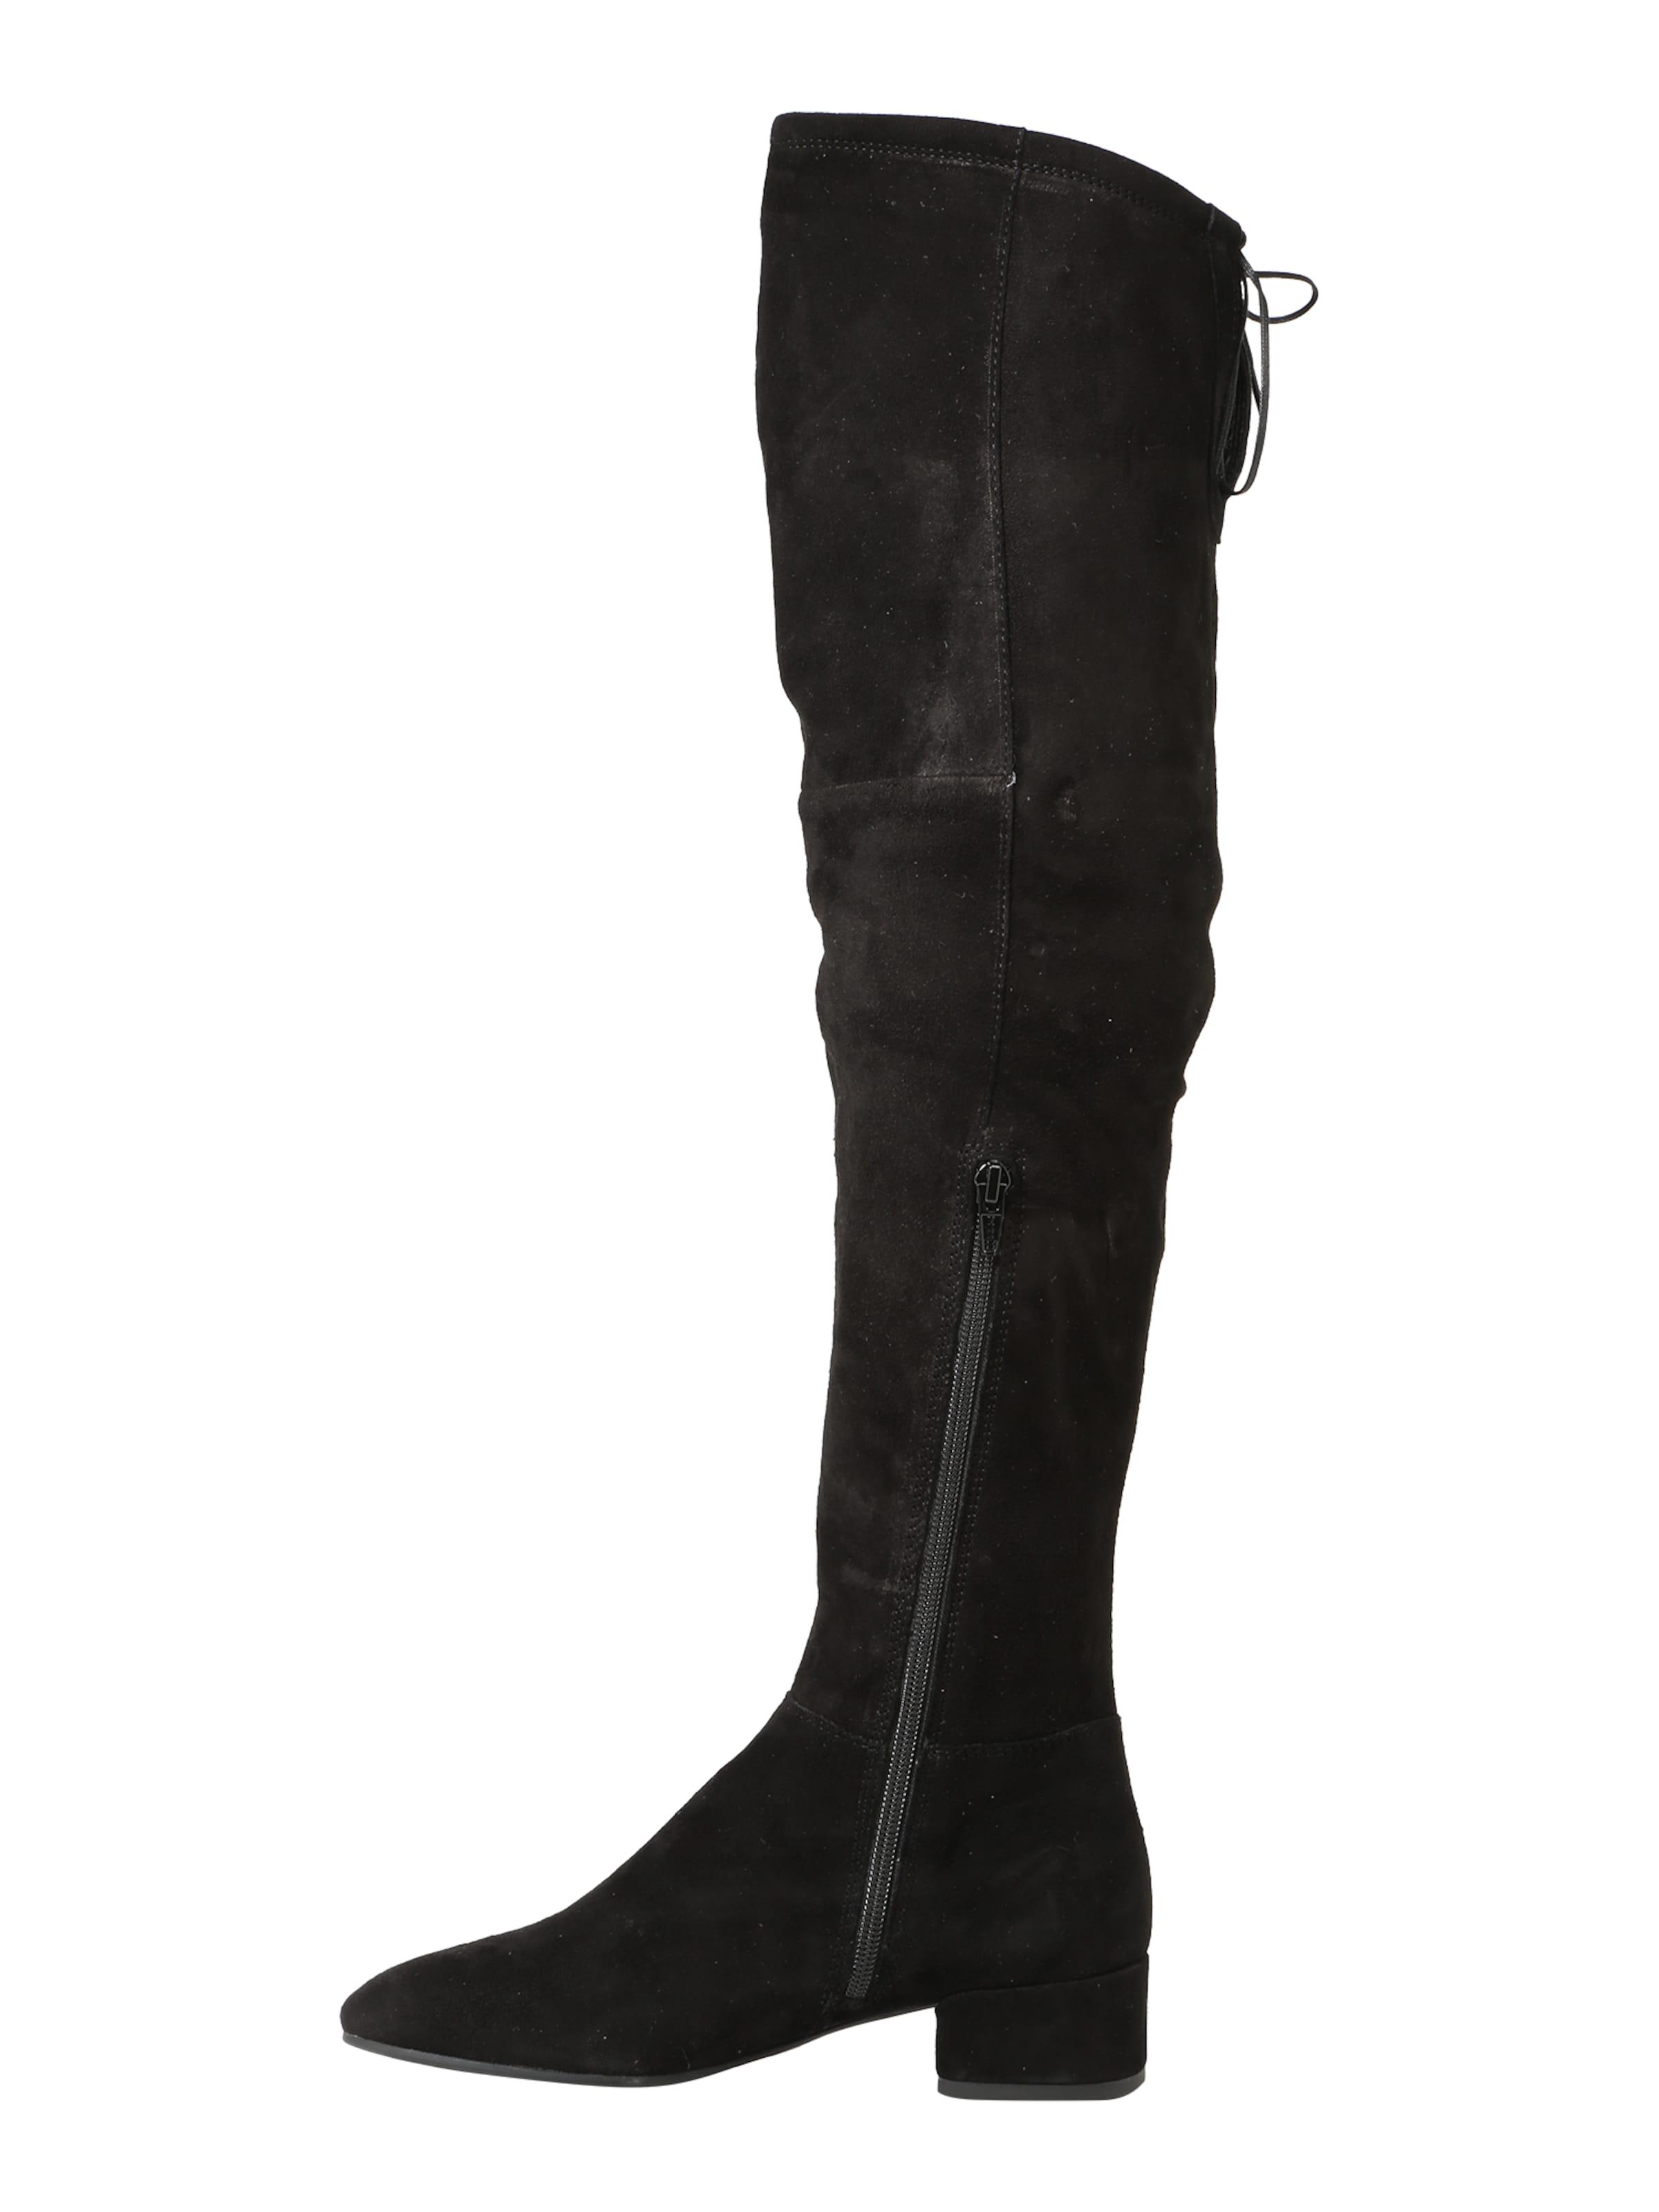 VAGABOND 'Jamilla' Stiefel Overknee Overknee VAGABOND VAGABOND 'Jamilla' 'Jamilla' SHOEMAKERS Overknee Stiefel SHOEMAKERS Stiefel SHOEMAKERS 4rx4fqwR